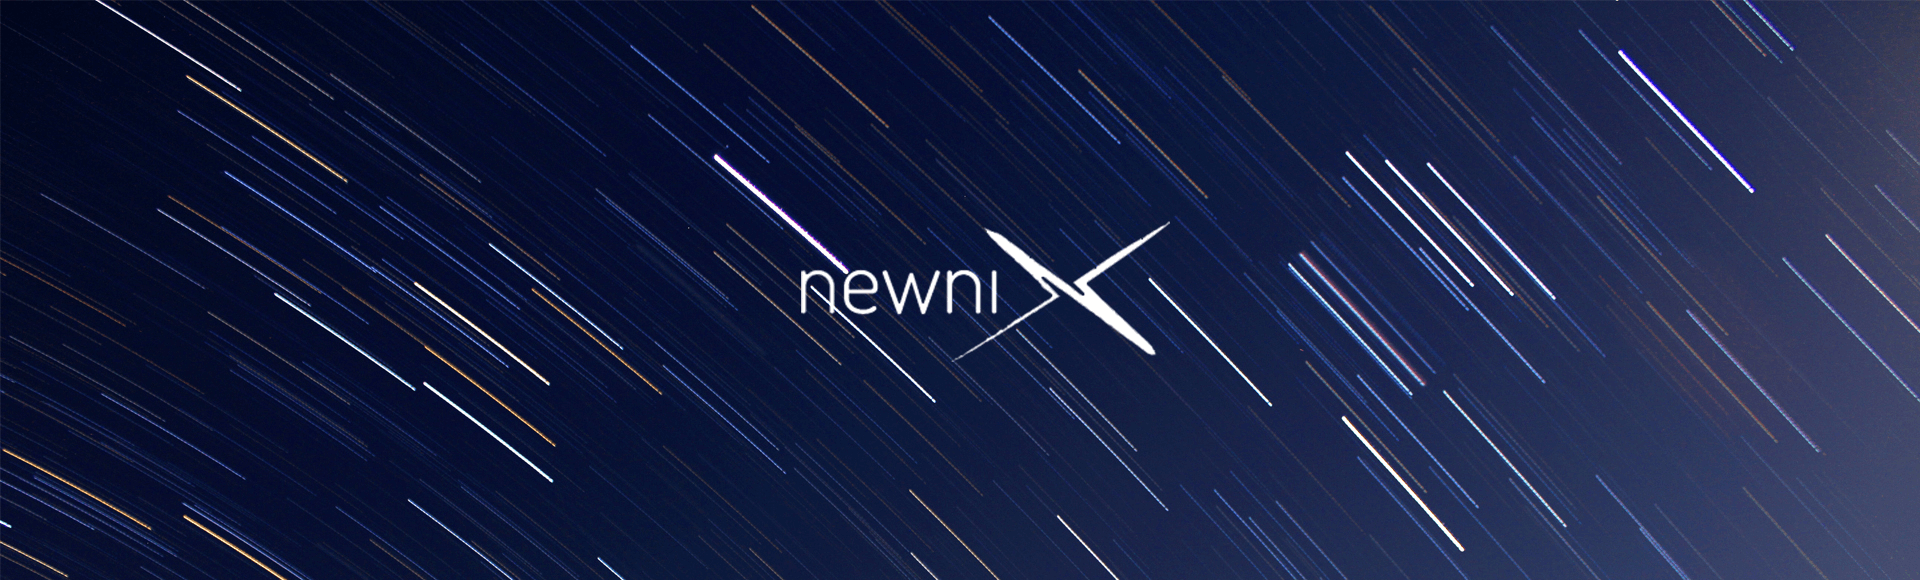 imm_7008_newnix-copertina.jpg